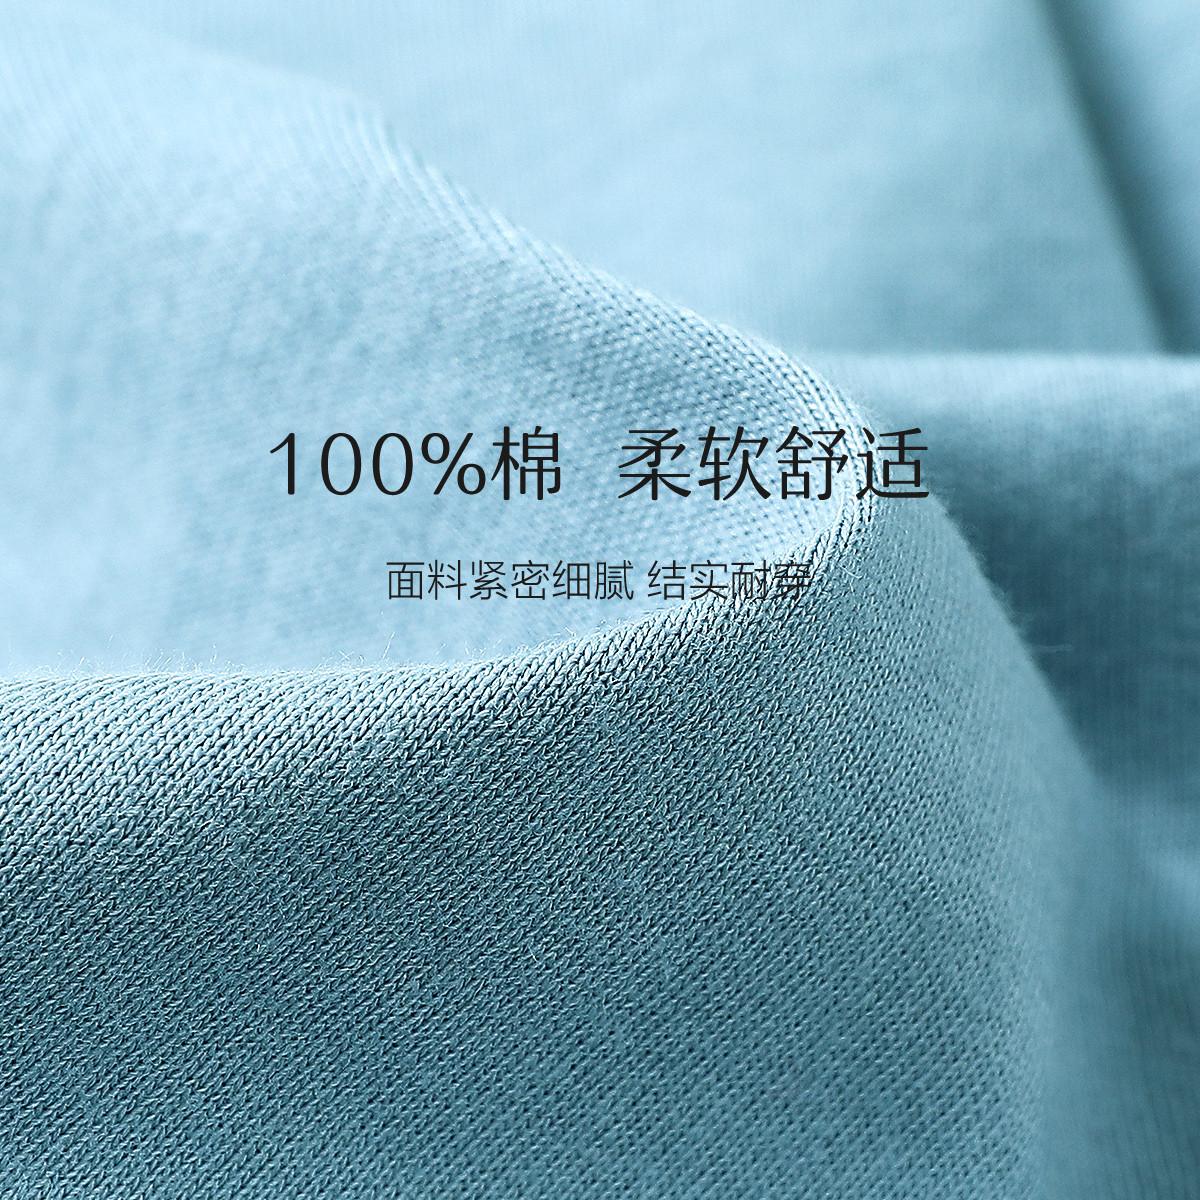 红豆睡衣纯棉2021年新款夏季薄款情侣短袖T恤外穿男女休闲居家服 No.4